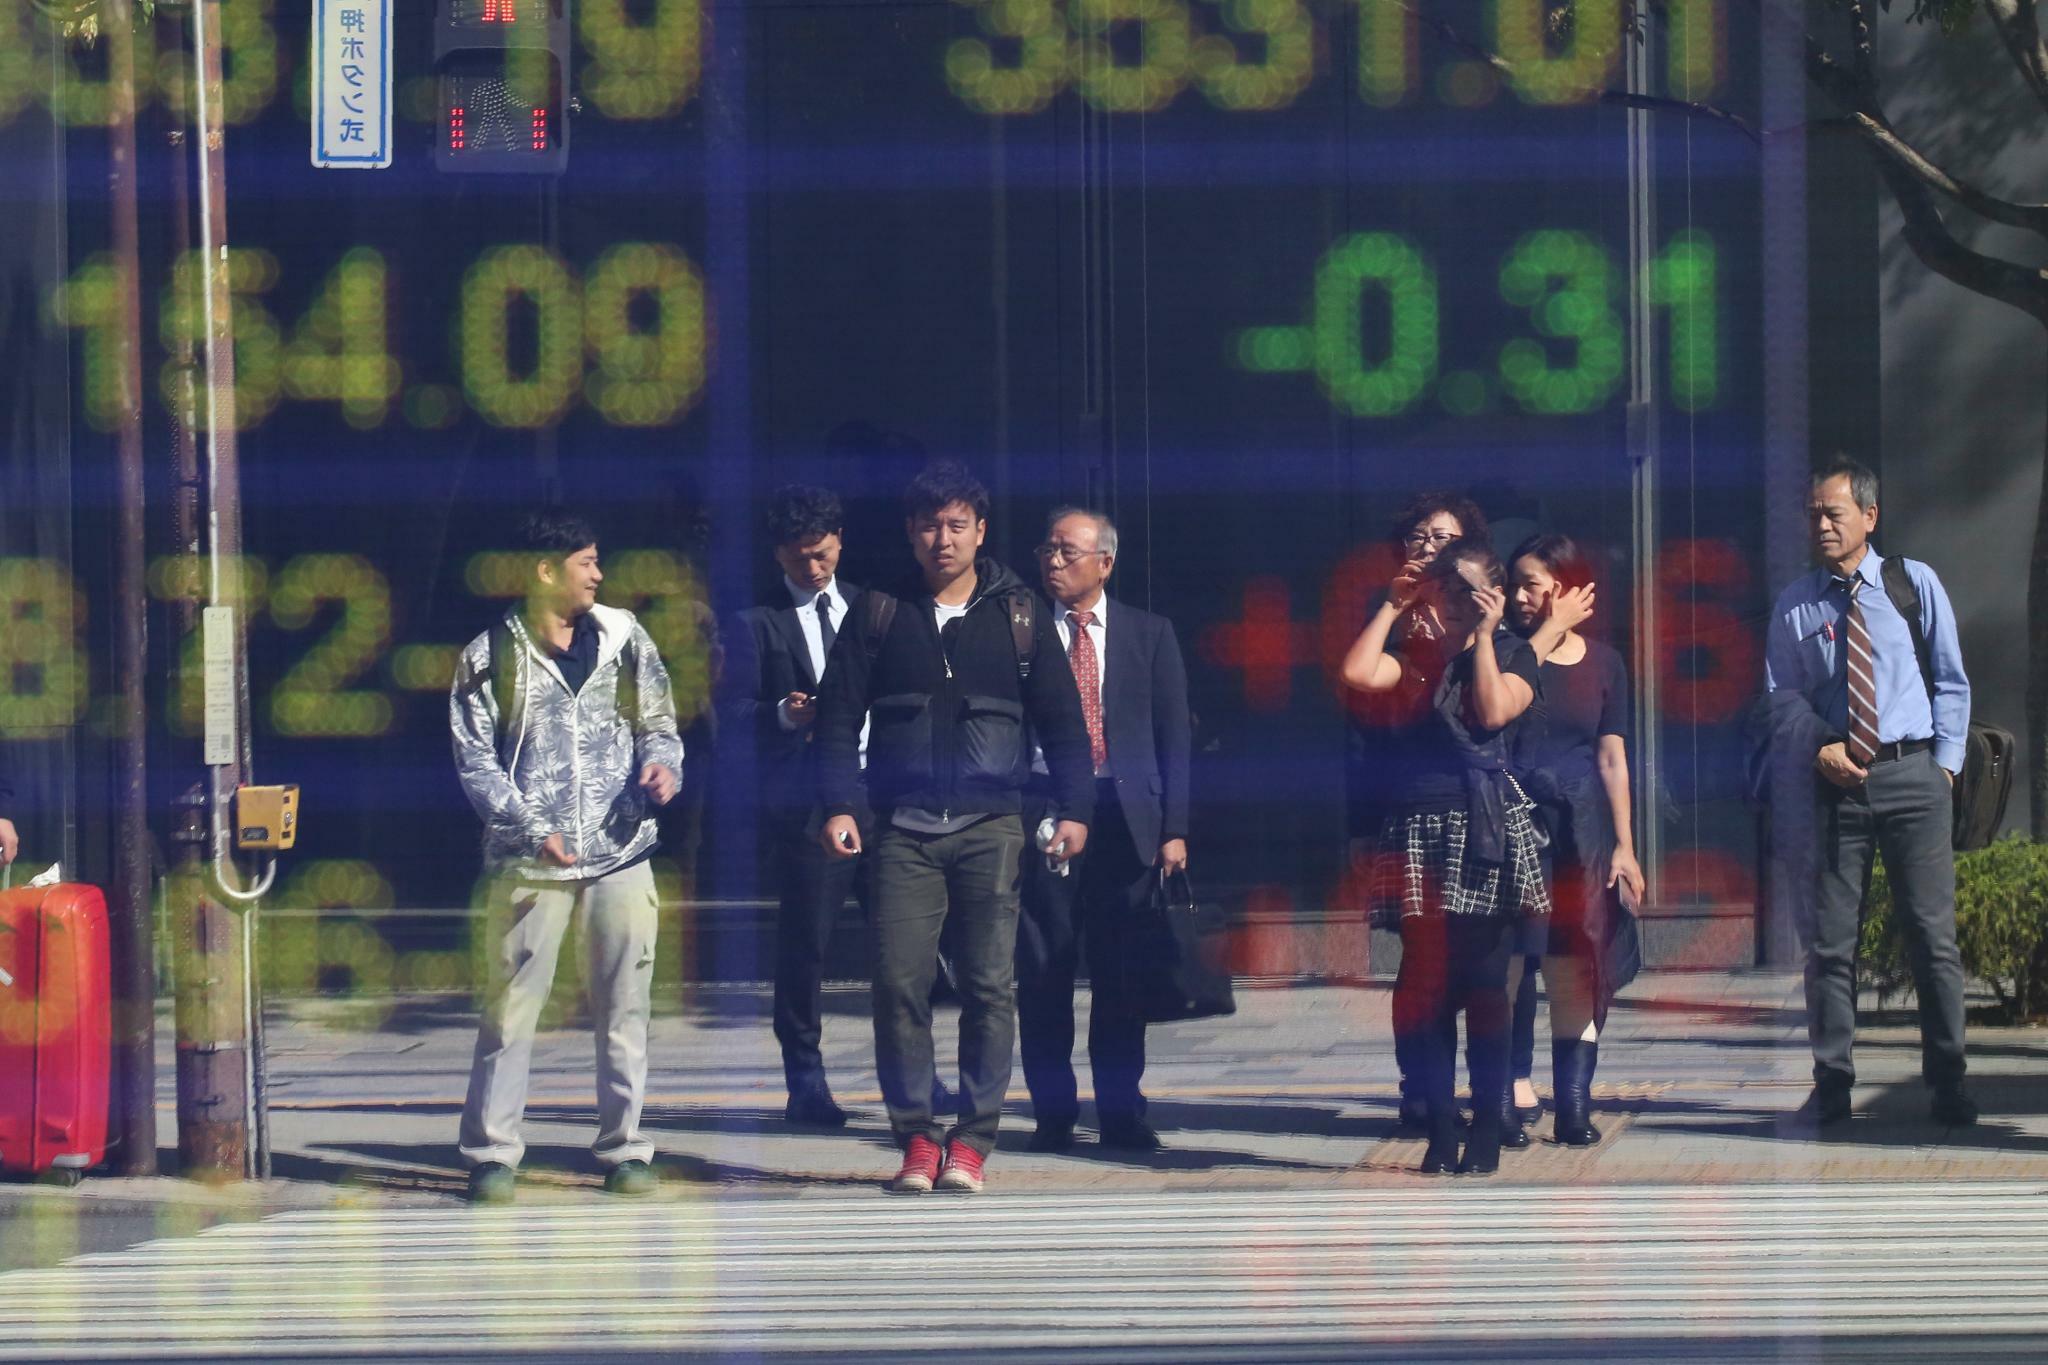 Schwache Konjukturdaten aus China lassen asiatische Börsen fallen